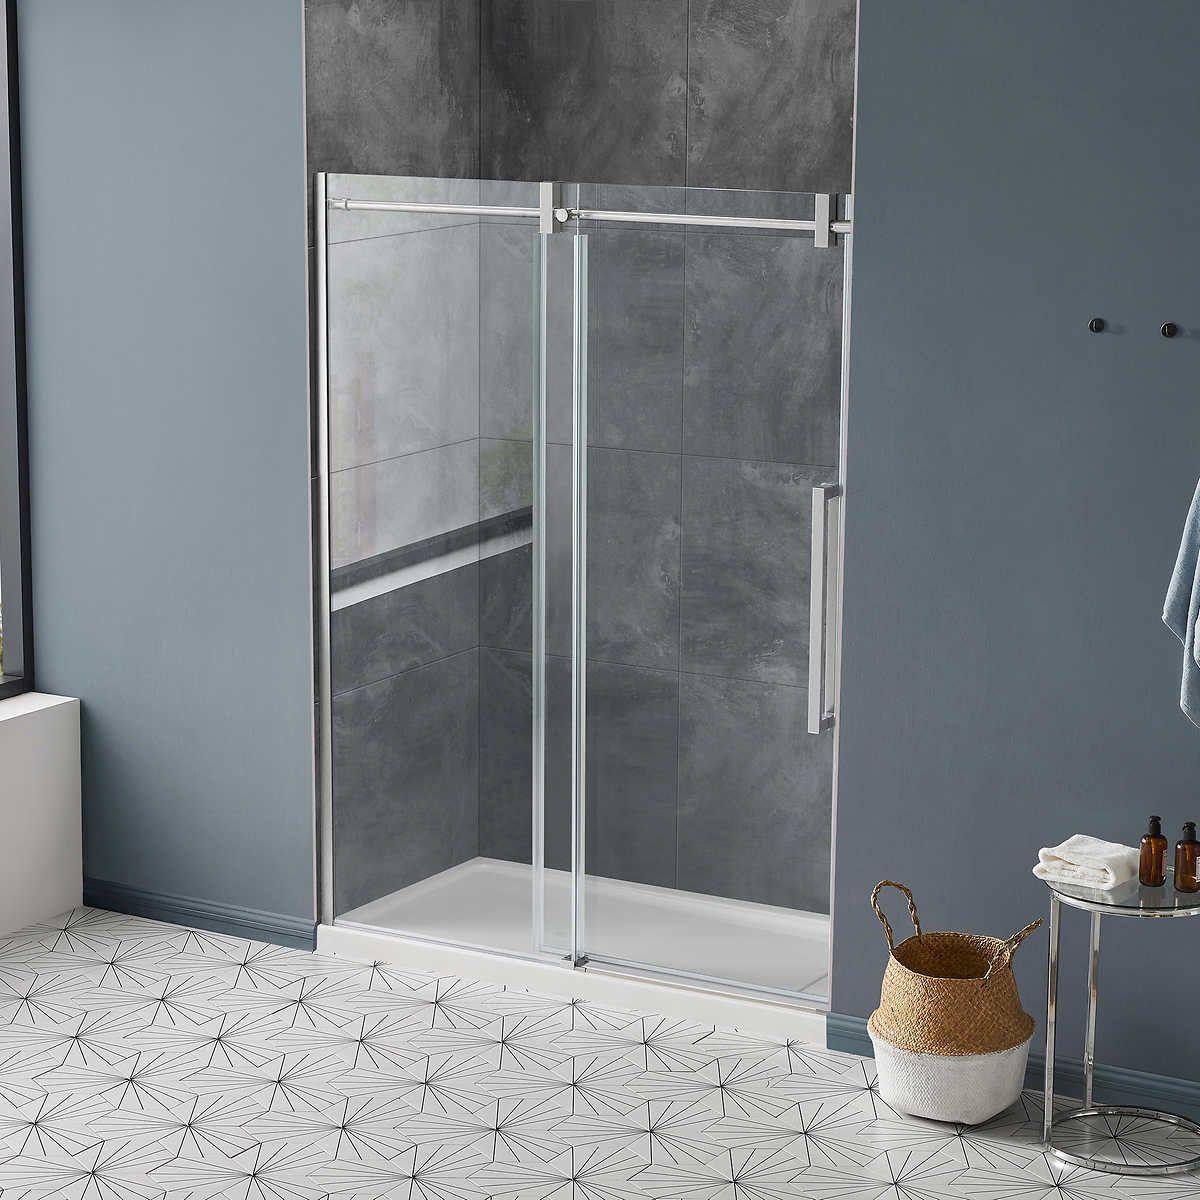 Ove Decors Dayton 60 Premium Shower Door Satin Nickel Shower Doors Shower Sliding Glass Door Glass Shower Doors